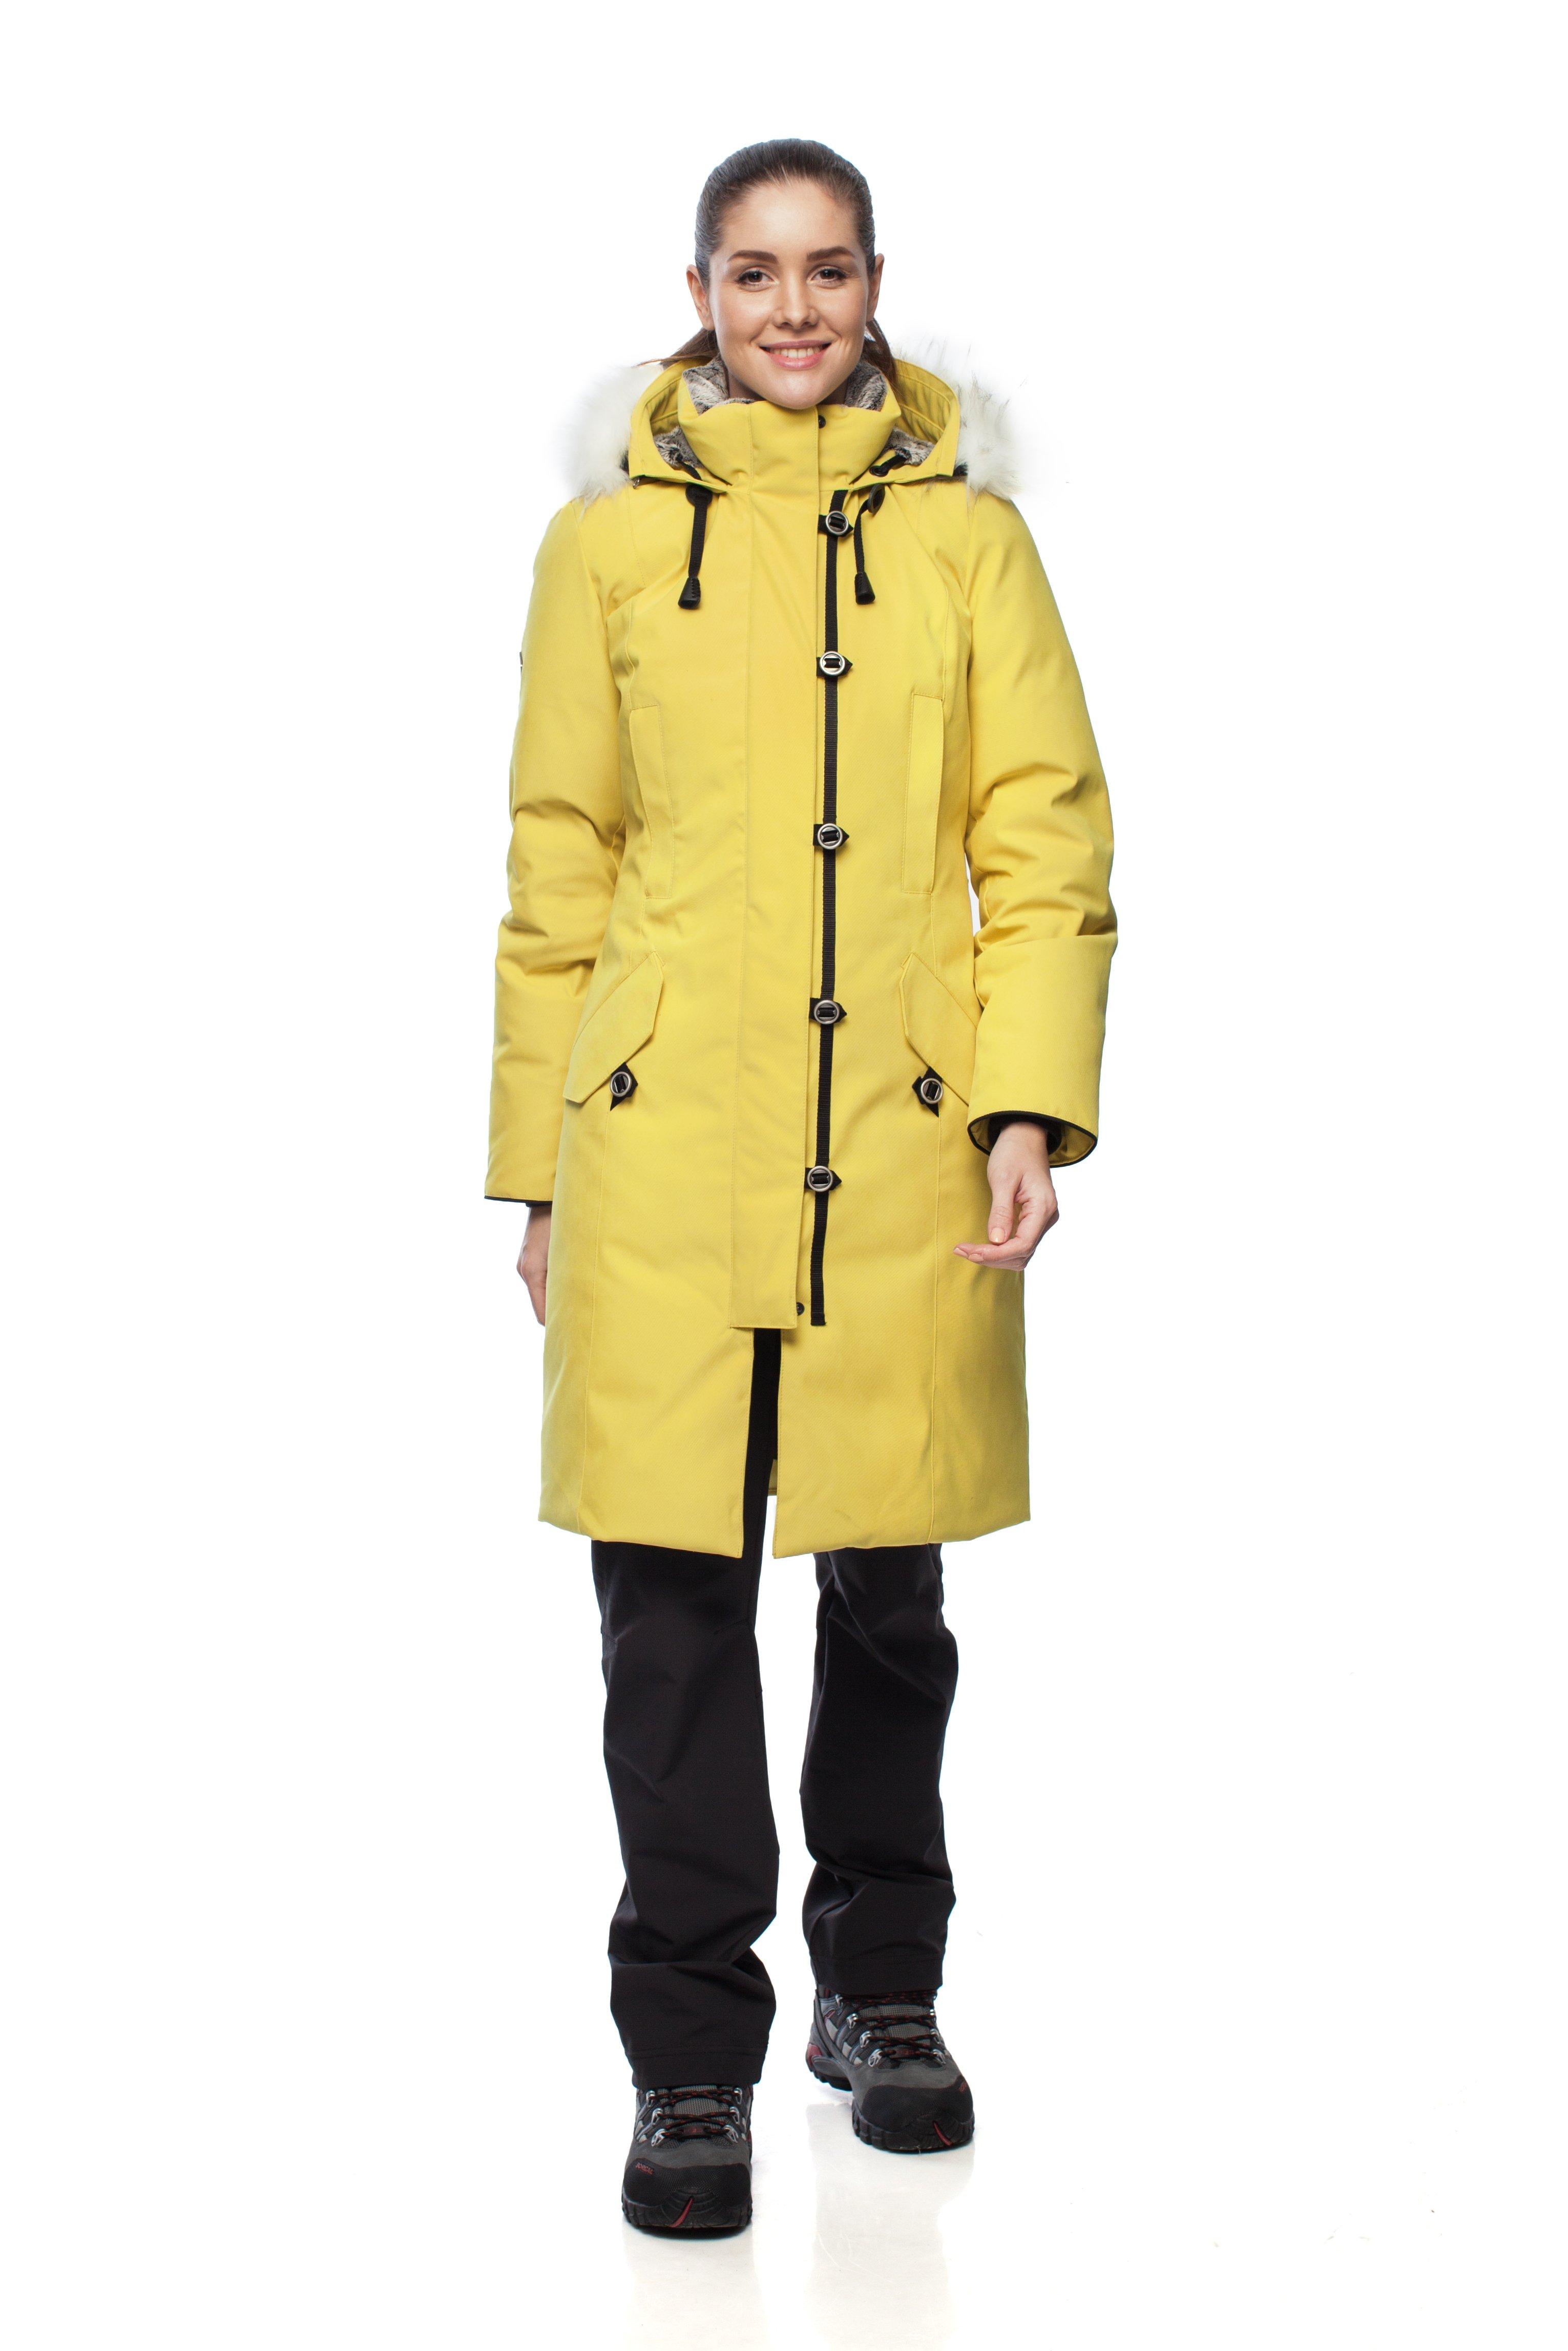 Пуховое пальто BASK HATANGA LADY 1464Куртки<br><br><br>&quot;Дышащие&quot; свойства: Да<br>Верхняя ткань: Advance®Alaska<br>Вес граммы: 1720<br>Вес утеплителя: 550<br>Ветро-влагозащитные свойства верхней ткани: Да<br>Ветрозащитная планка: Да<br>Ветрозащитная юбка: Нет<br>Влагозащитные молнии: Нет<br>Внутренние манжеты: Да<br>Внутренняя ткань: Advance® Classic<br>Водонепроницаемость: 5000<br>Дублирующий центральную молнию клапан: Да<br>Защитный козырёк капюшона: Нет<br>Капюшон: Несъемный<br>Карман для средств связи: Нет<br>Количество внешних карманов: 4<br>Количество внутренних карманов: 2<br>Коллекция: Pole to Pole<br>Мембрана: Да<br>Объемный крой локтевой зоны: Да<br>Отстёгивающиеся рукава: Нет<br>Паропроницаемость: 5000<br>Показатель Fill Power (для пуховых изделий): 650<br>Пол: Женский<br>Проклейка швов: Нет<br>Регулировка манжетов рукавов: Нет<br>Регулировка низа: Нет<br>Регулировка объёма капюшона: Да<br>Регулировка талии: Да<br>Регулируемые вентиляционные отверстия: Нет<br>Температурный режим: -25<br>Технология Thermal Welding: Нет<br>Технология швов: Простые<br>Тип молнии: Двухзамковая<br>Тип утеплителя: Натуральный<br>Ткань усиления: Нет<br>Усиление контактных зон: Нет<br>Утеплитель: Гусиный пух<br>Размер RU: 46<br>Цвет: ЧЕРНЫЙ